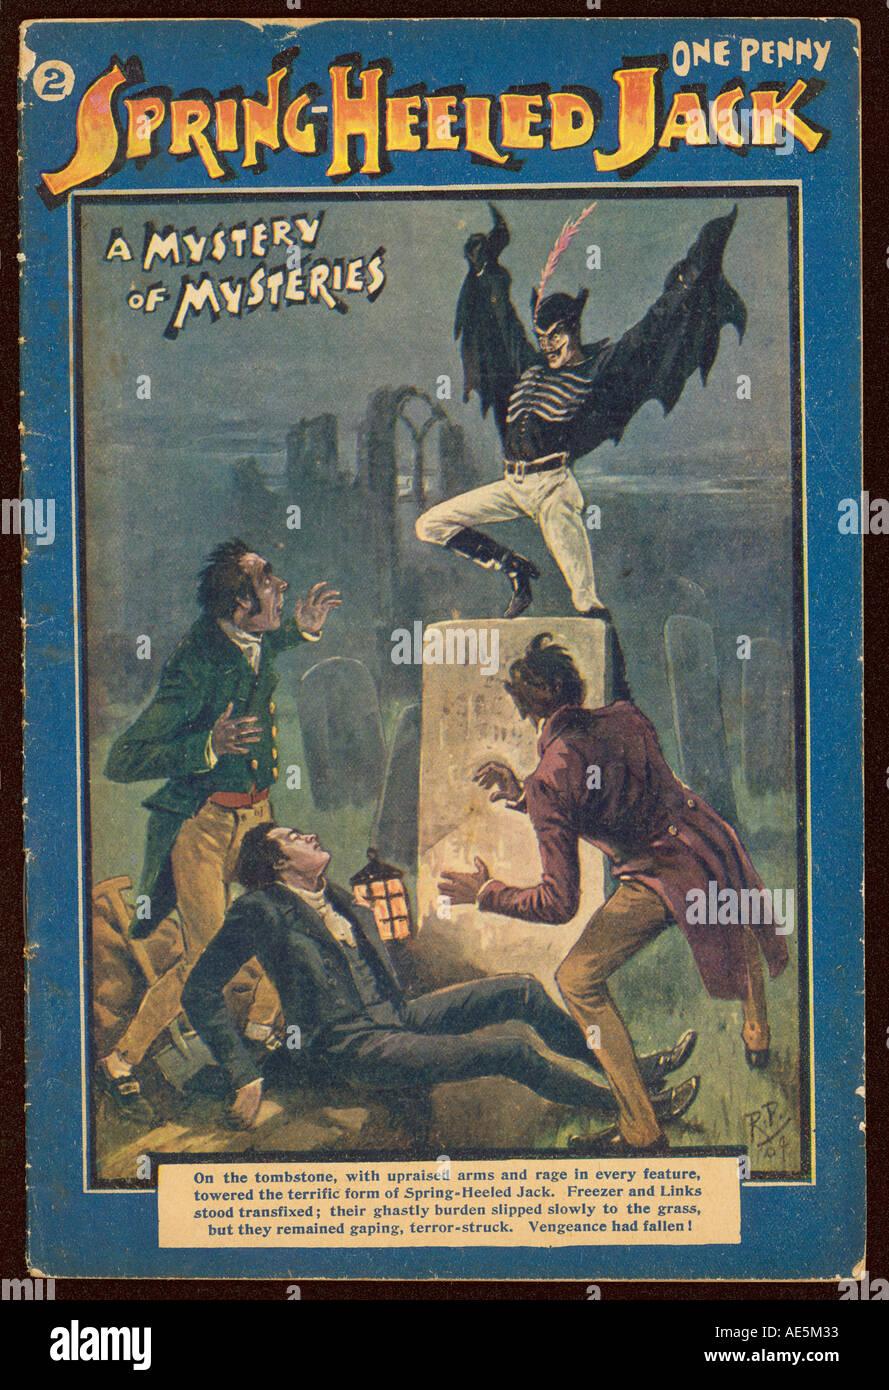 Spring Heel Jack Revenge of the Ripper #1 FN 1993 Stock Image